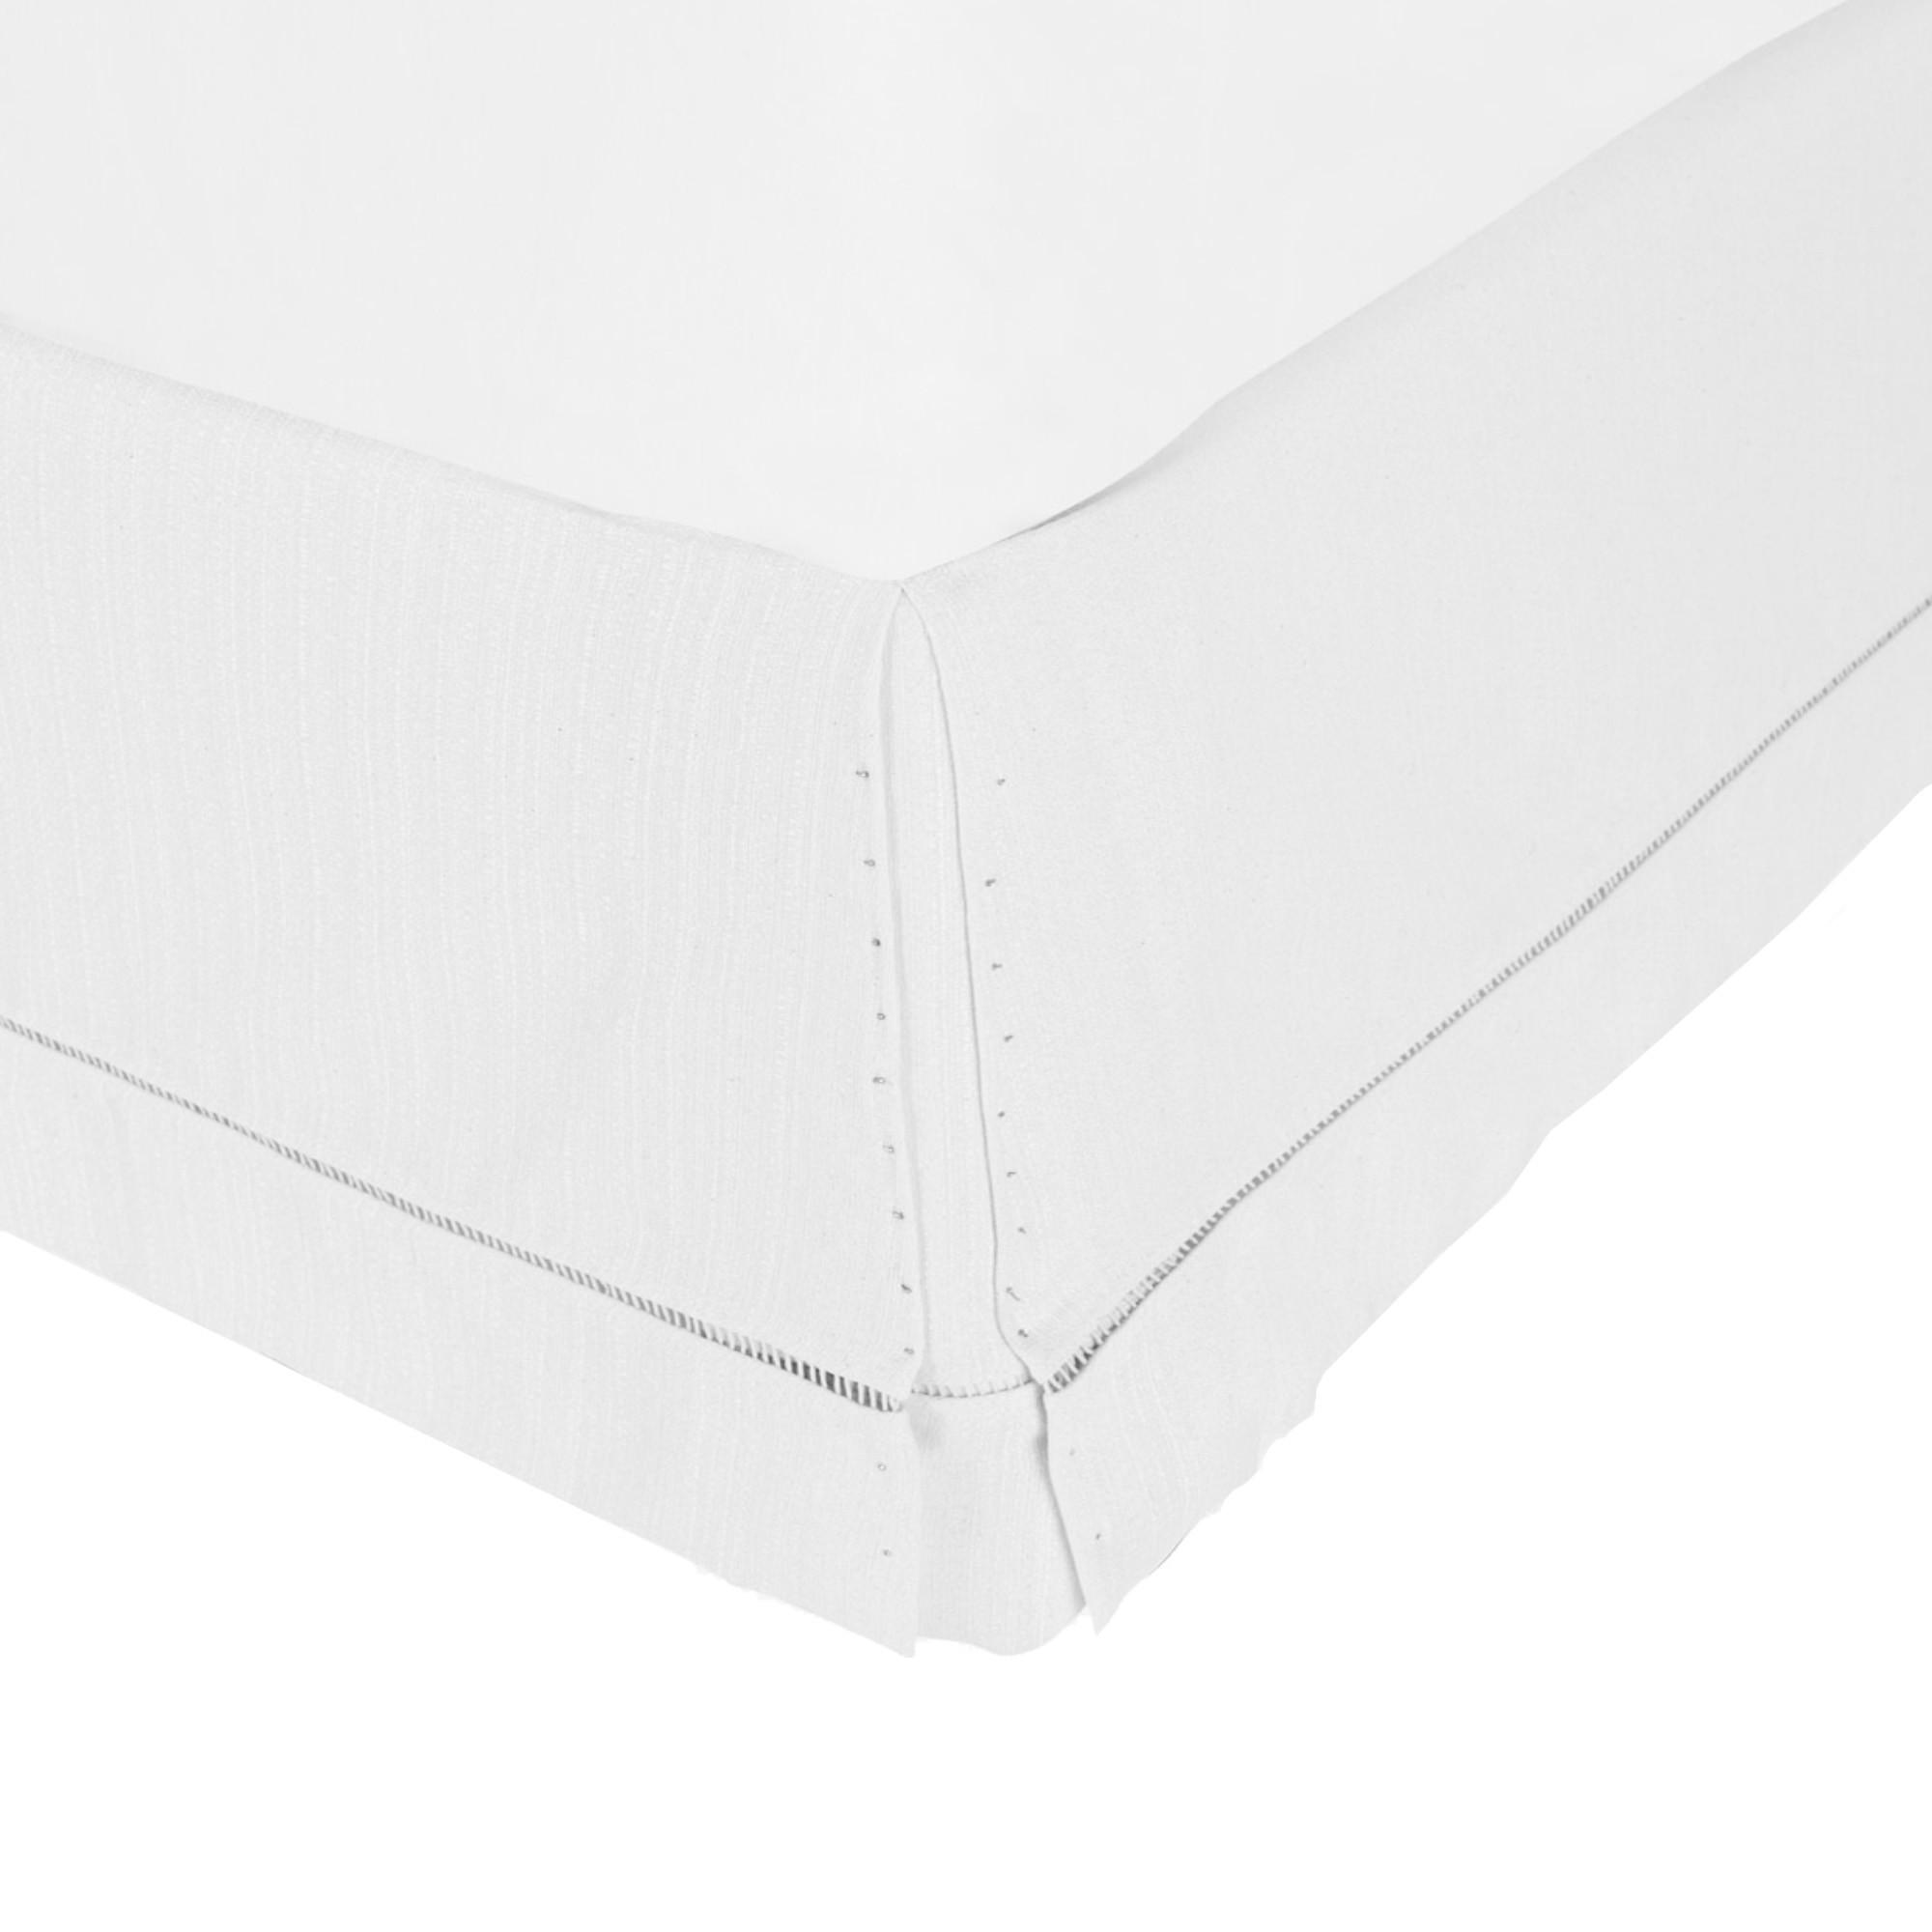 Saia para Cama Box com Ponto Palito Branca [Solteiro 088 x 188 cm]